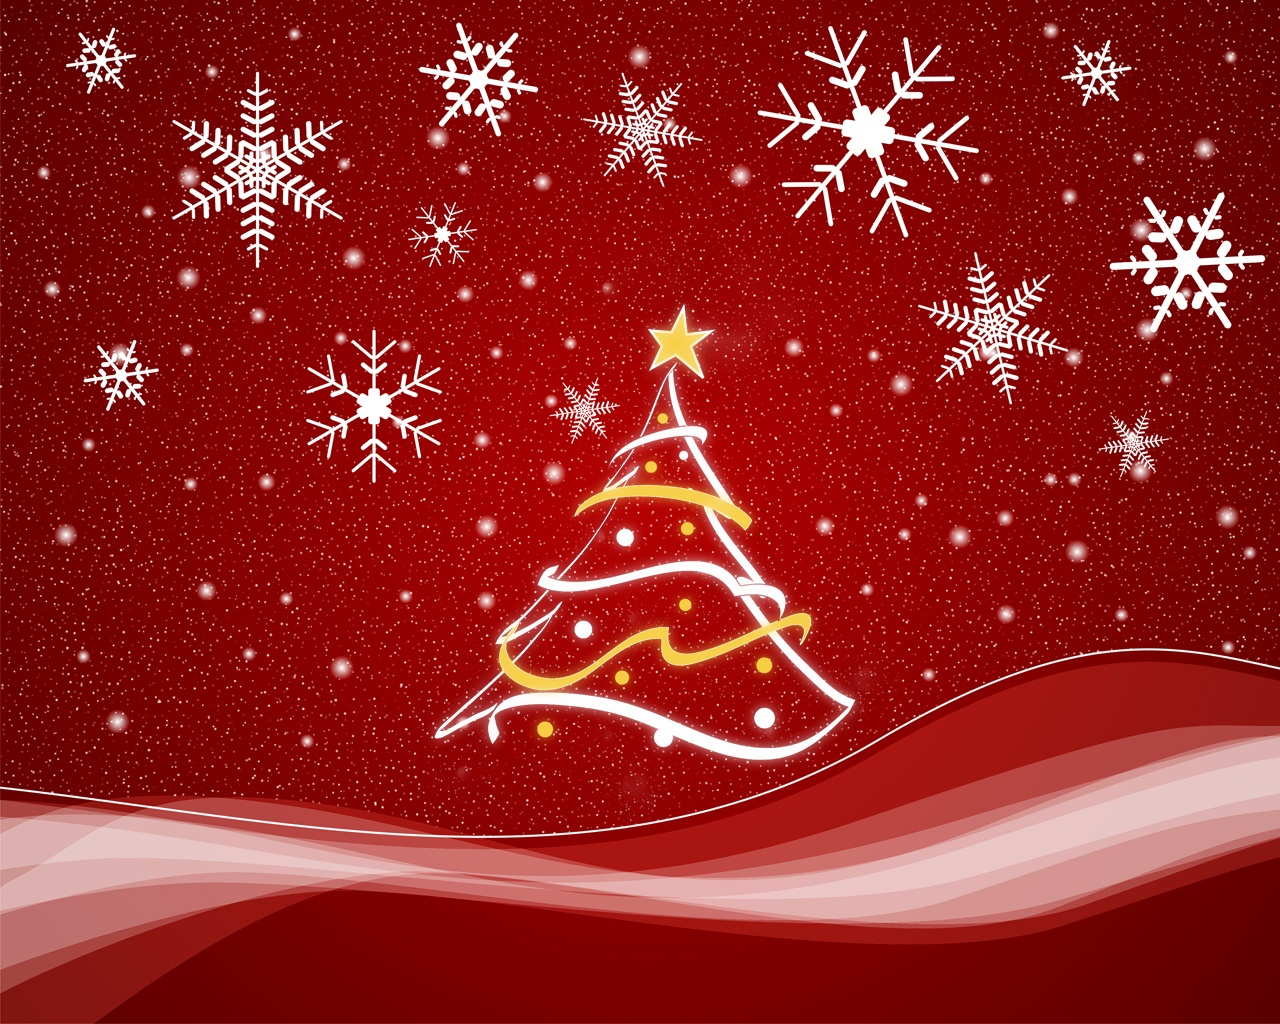 Wir Wünschen Euch Frohe Und Besinnliche Weihnachten.Frohe Weihnachten Spd Wartburgkreis